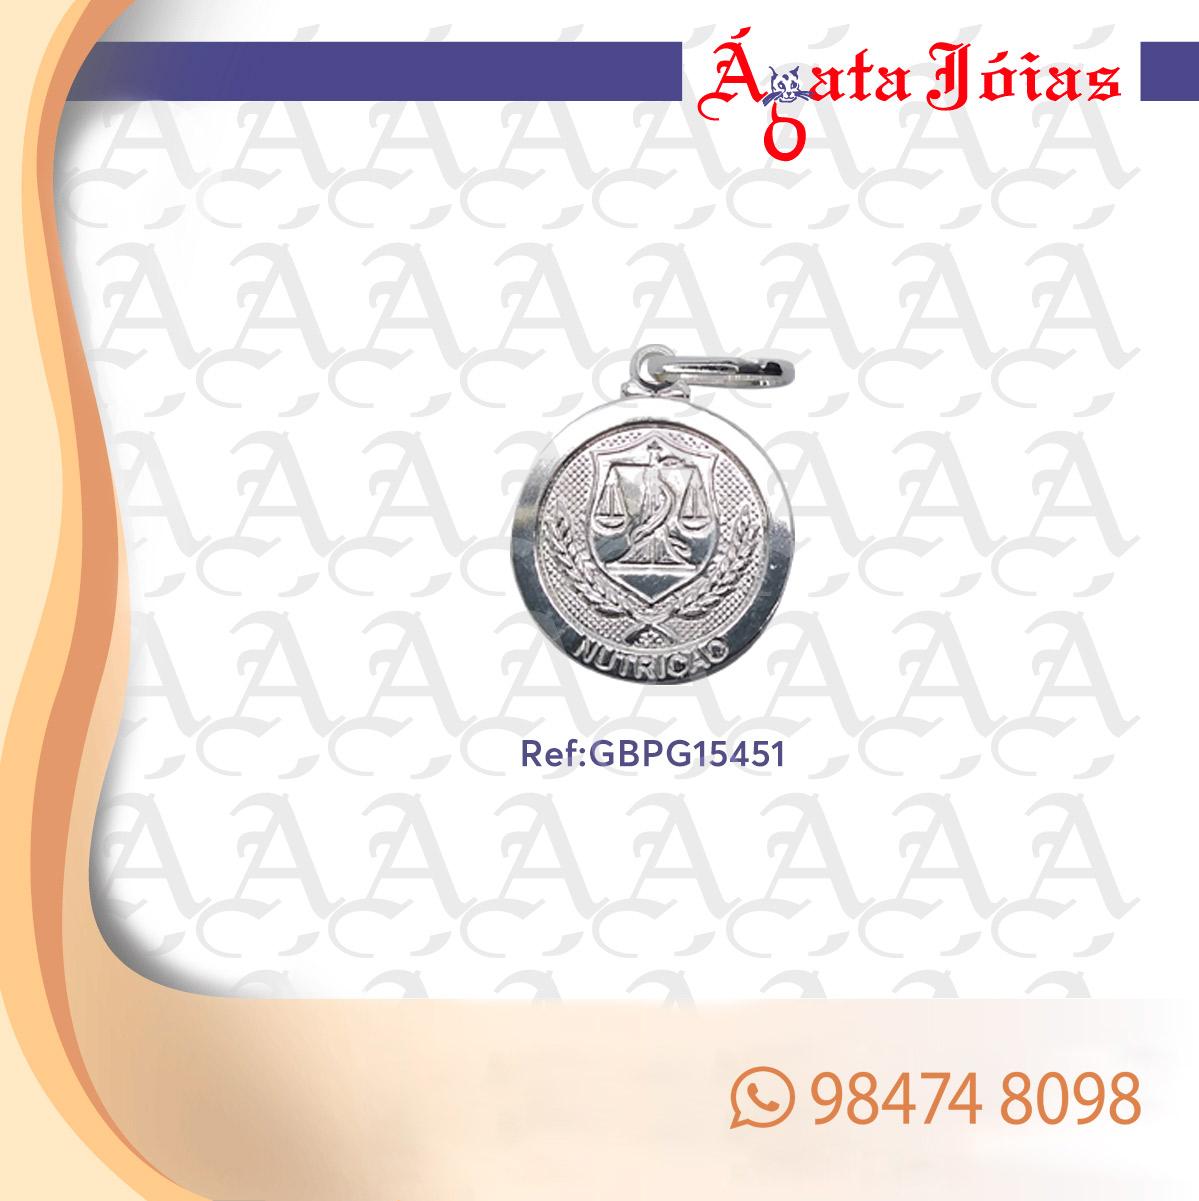 GBPG15451